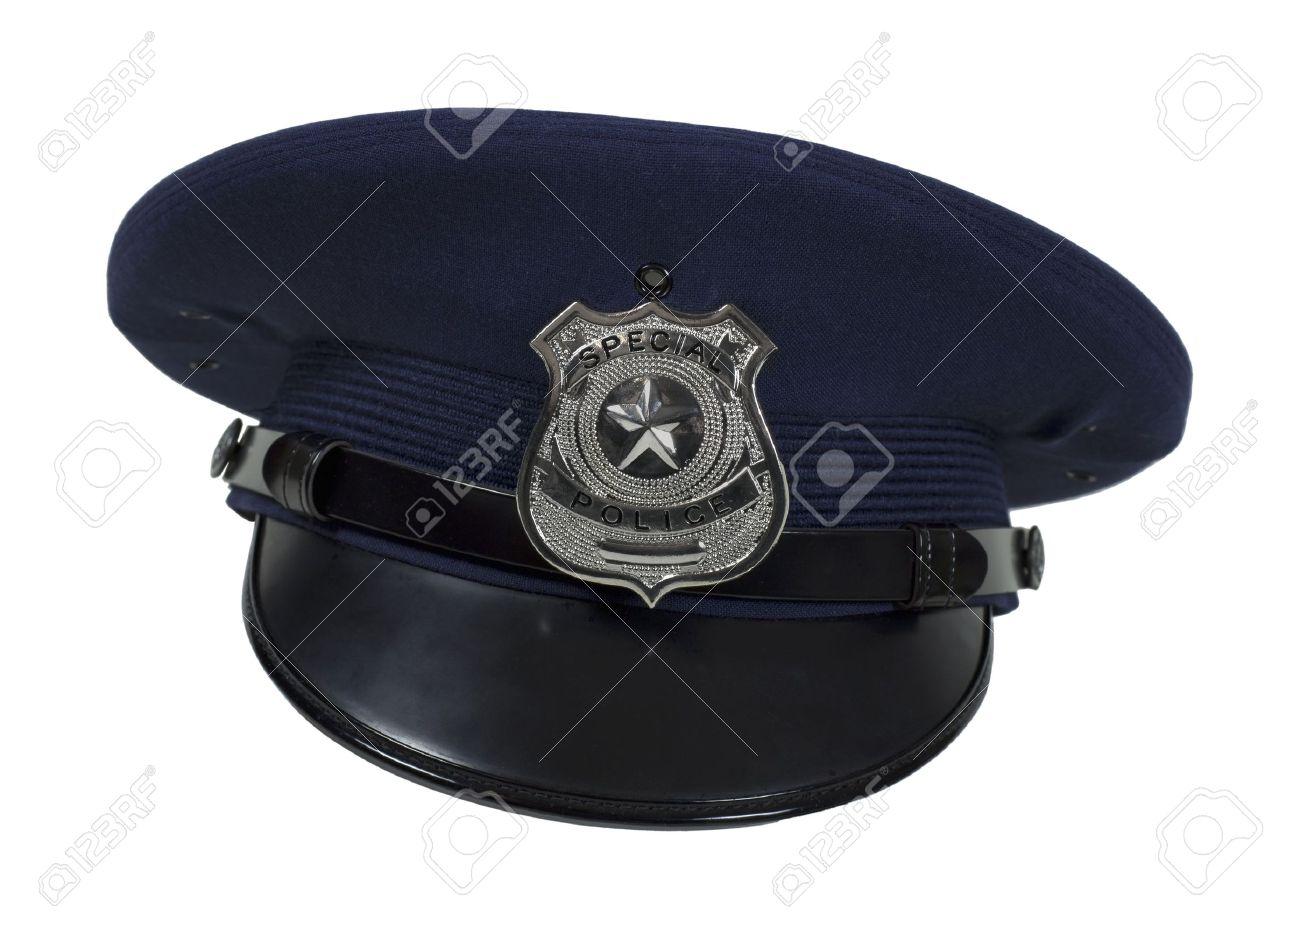 Banque d images - Insigne en argent de police spéciale avec une étoile sur  un large bonnet - chemin d accès inclus 72e39d6fcd1